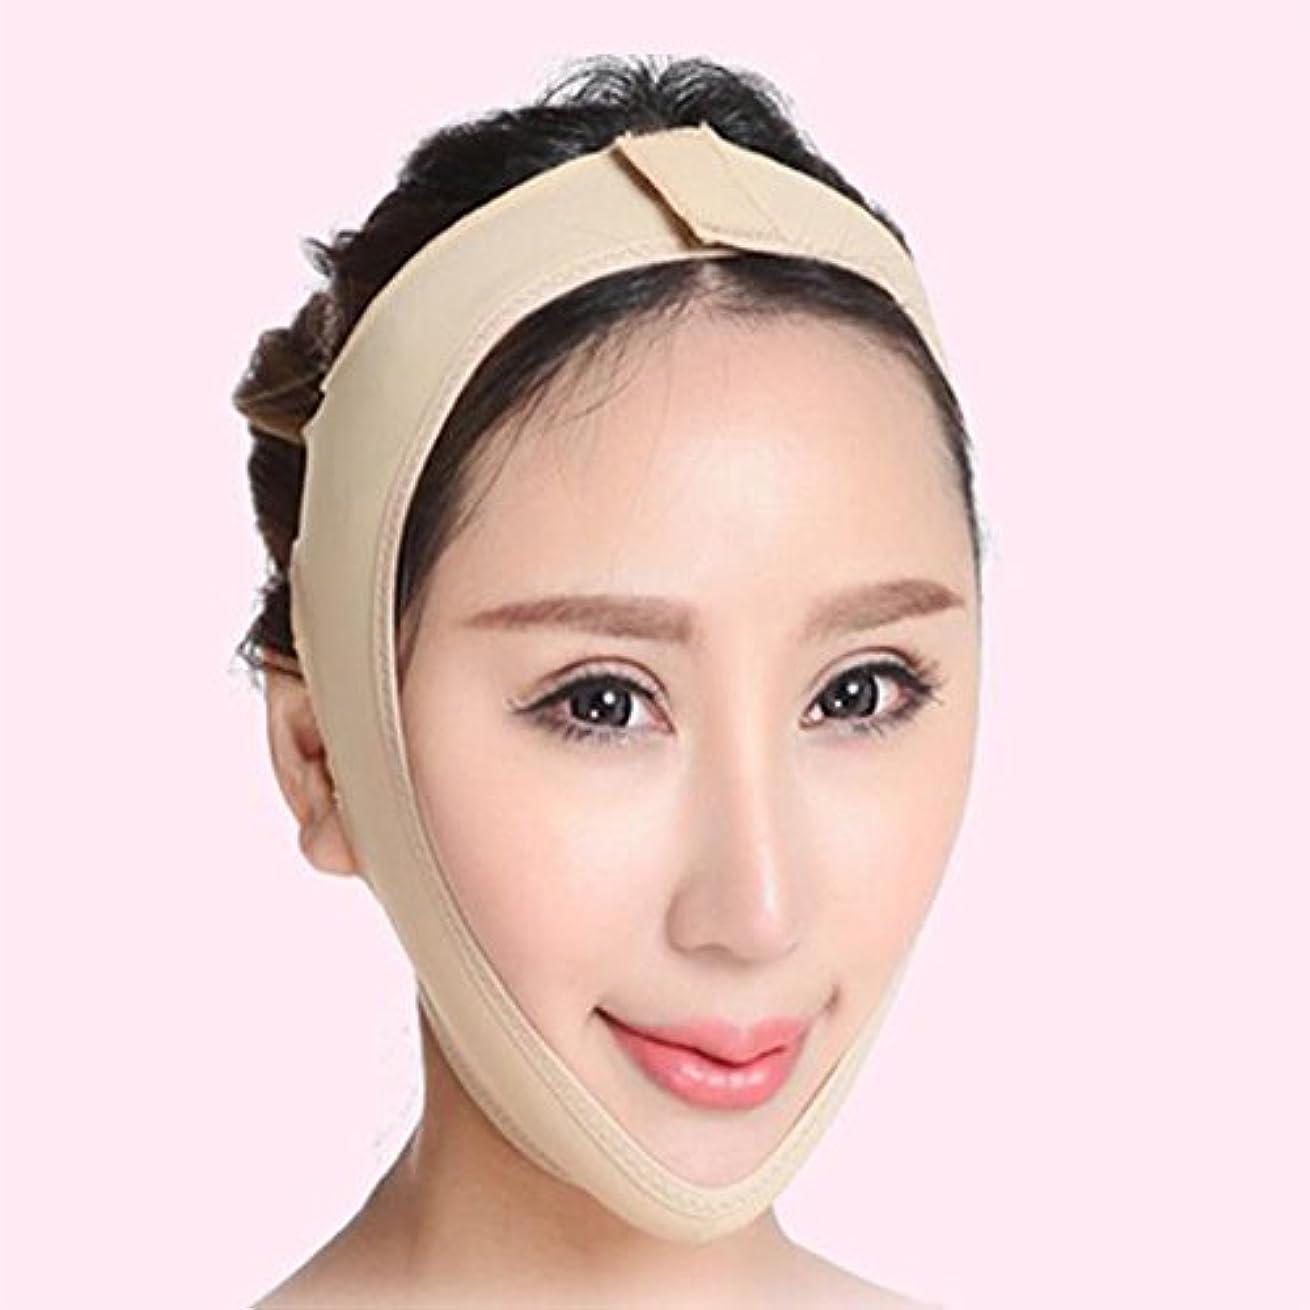 貼り直す隣接する家禽1stモール 小顔 小顔マスク リフトアップ マスク フェイスライン 矯正 あご シャープ メンズ レディース Mサイズ ST-AZD15003-M